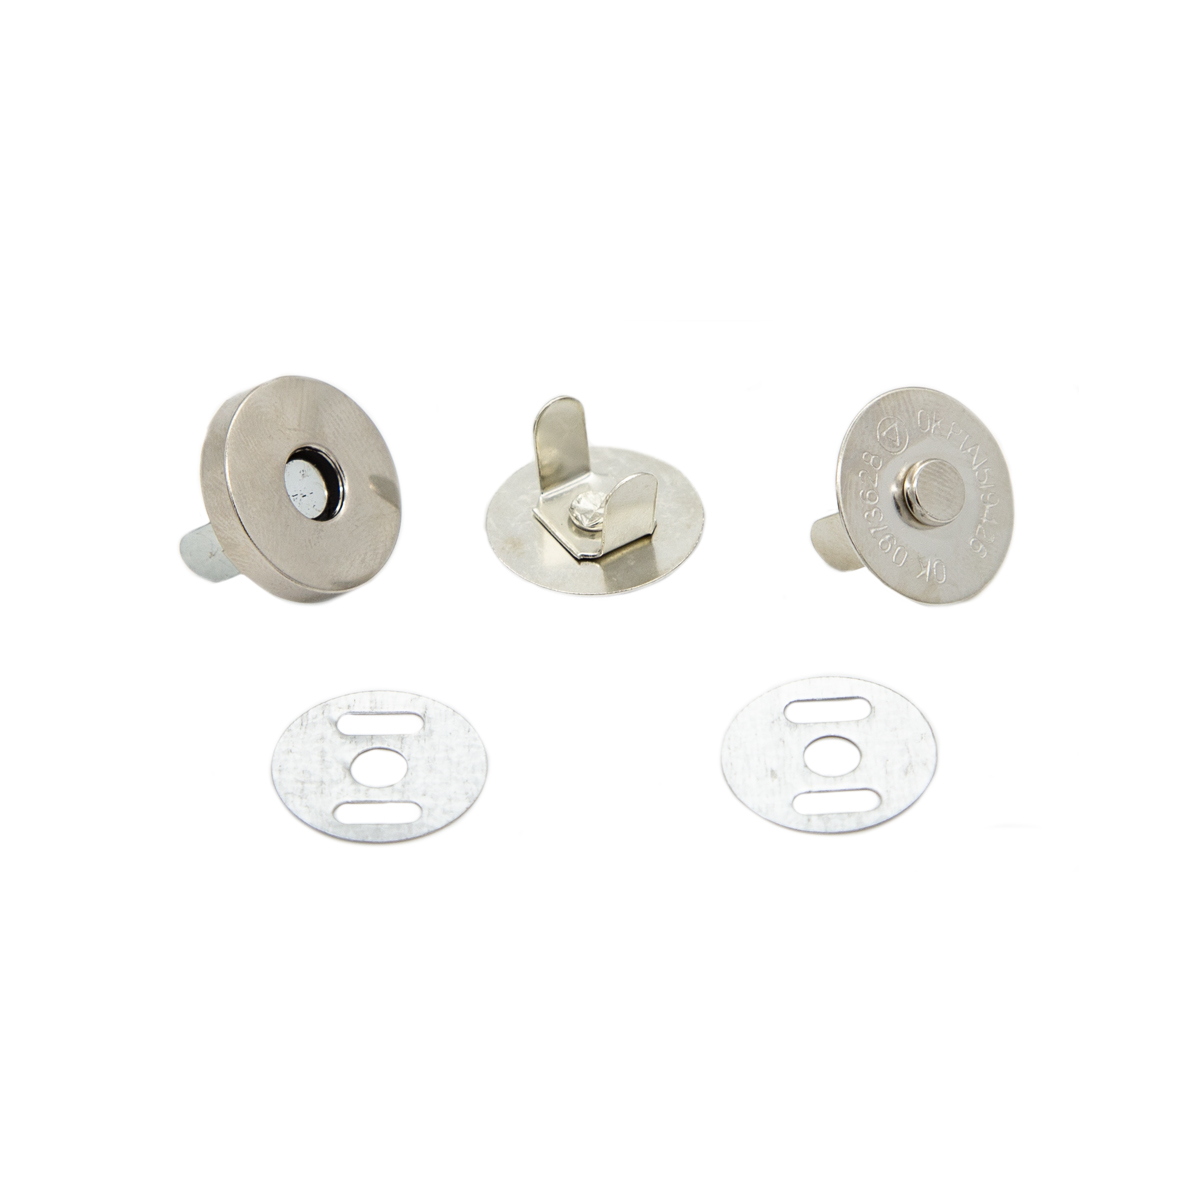 Кнопка магнитная на усиках 18 мм никель